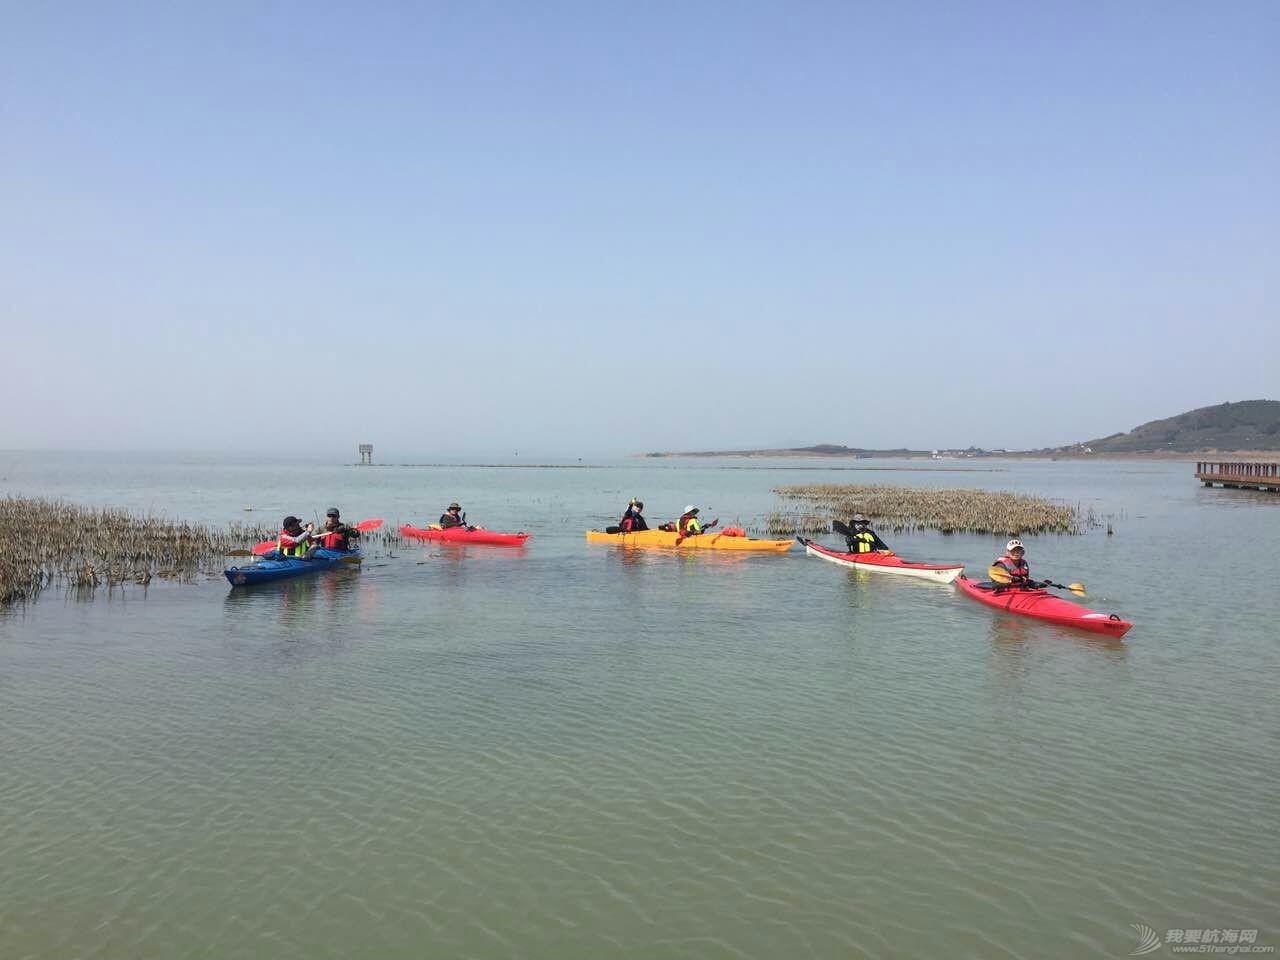 皮划艇,无锡,太湖 无锡君雅皮划艇22人同时穿越太湖贡湖湾 mmexport1456571747652.jpg